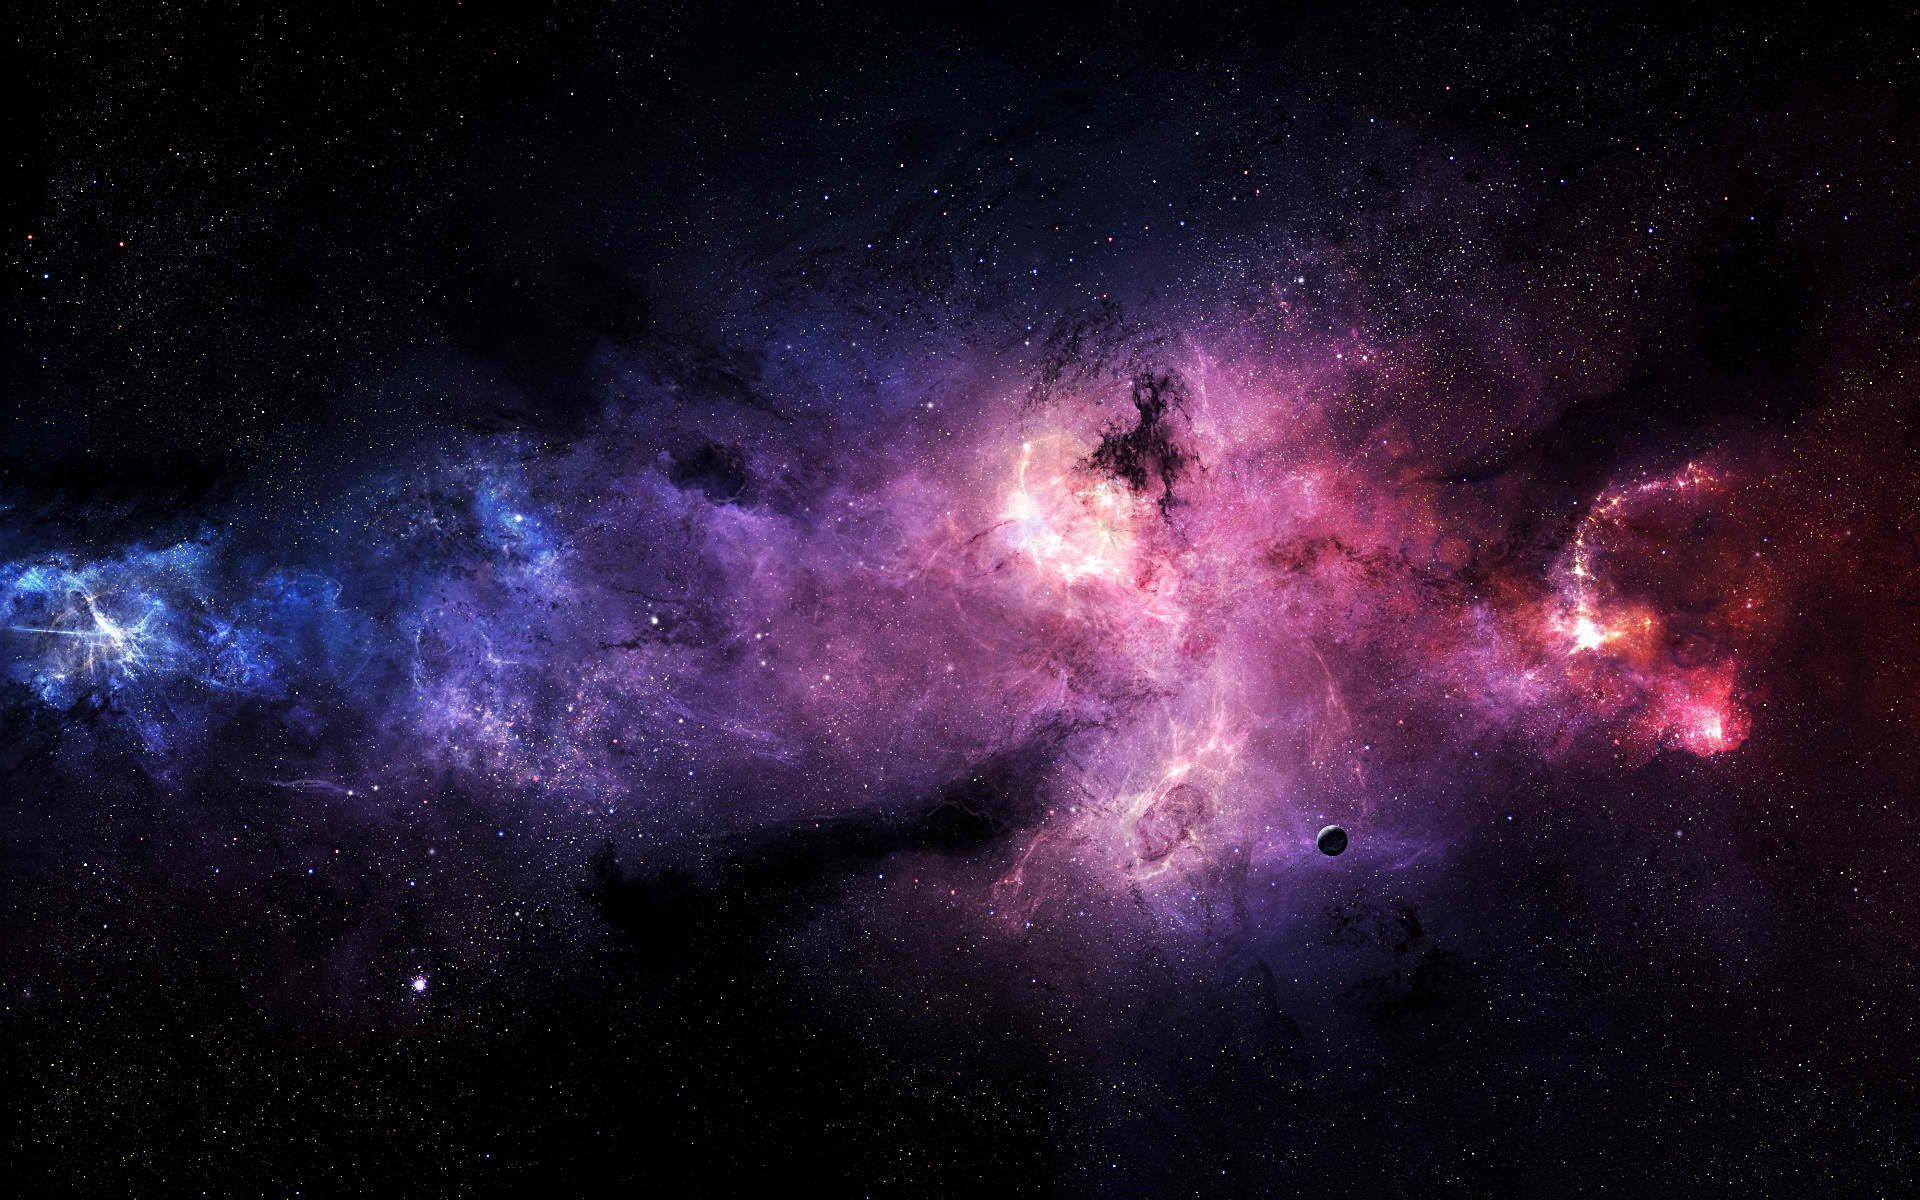 Galaxy Wallpaper For Computer Fundo Hd Wallpaper Fotos De Galaxias Wallpapers Para Pc